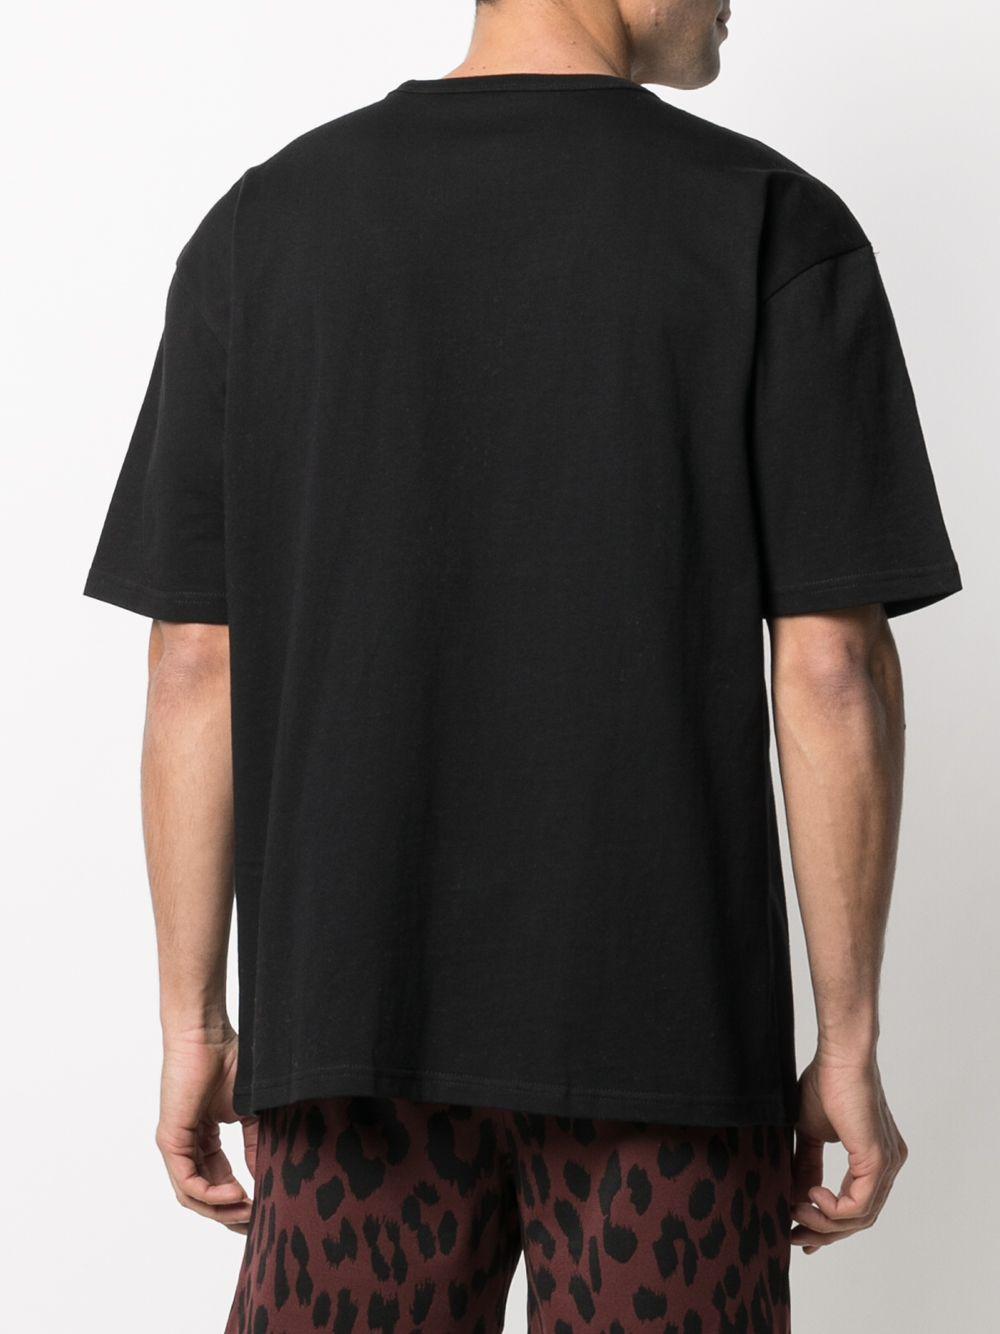 Vans t-shirt con logo uomo VANS VAULT | T-shirt | VN0A5E1GBLK1